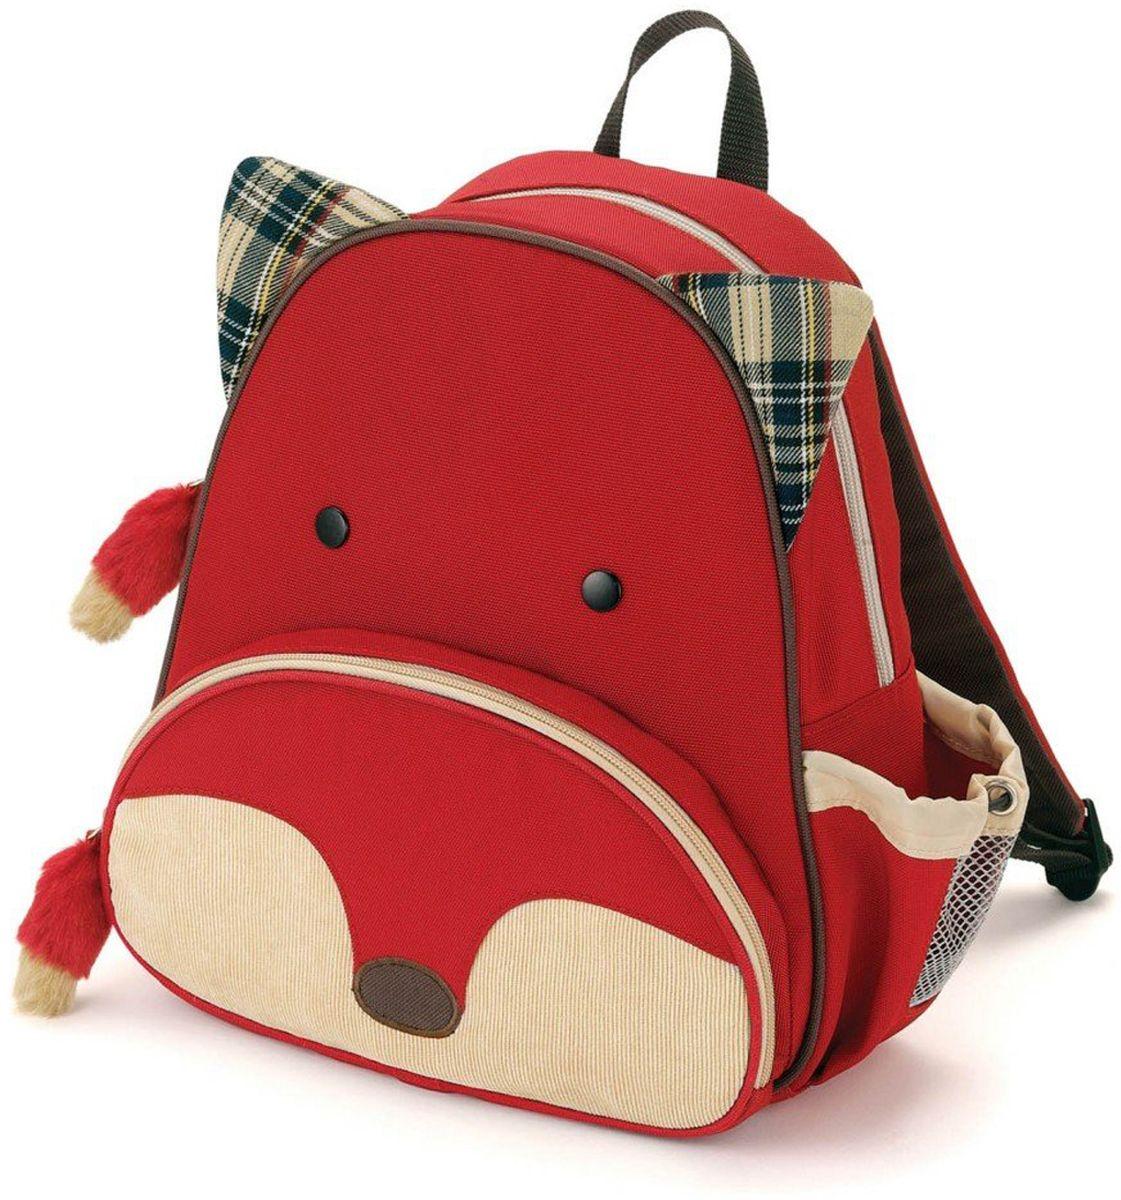 Skip Hop Рюкзак дошкольный Лисичка730396Дошкольный рюкзак Skip Hop каждый день будет радовать вашего малыша, вызывать улыбки у прохожих и зависть у сверстников. С ним можно ходить в детский сад, на прогулку, в гости к бабушке или ездить на экскурсии.Рюкзак имеет одно основное отделение на застежке-молнии, в которое легко поместятся книжка, альбом для рисования, краски, фломастеры, любимая игрушка и контейнер с едой, а кармашек сбоку предназначен специально для бутылочки с водой. Передний карман на молнии предназначен для мелких вещей.Рюкзак оснащен ручкой для переноски в руках и лямками регулируемой длины.